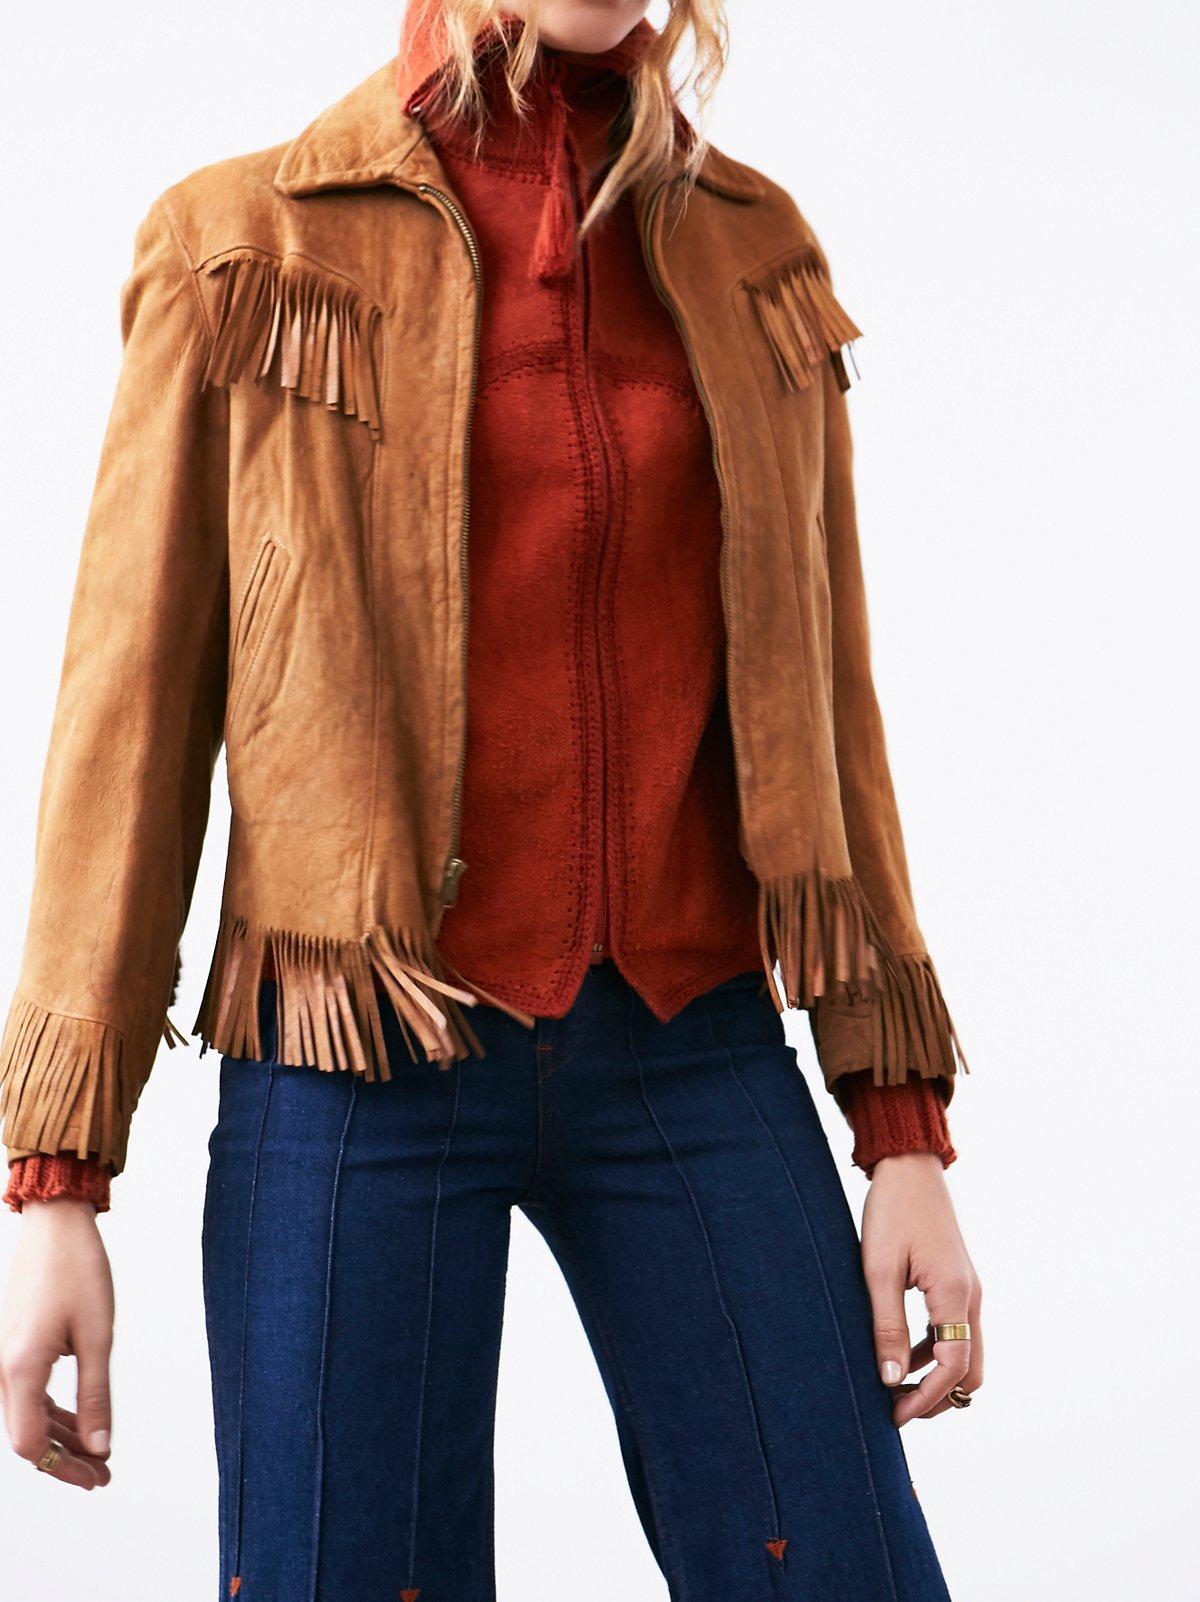 Vintage Suede Western Jacket